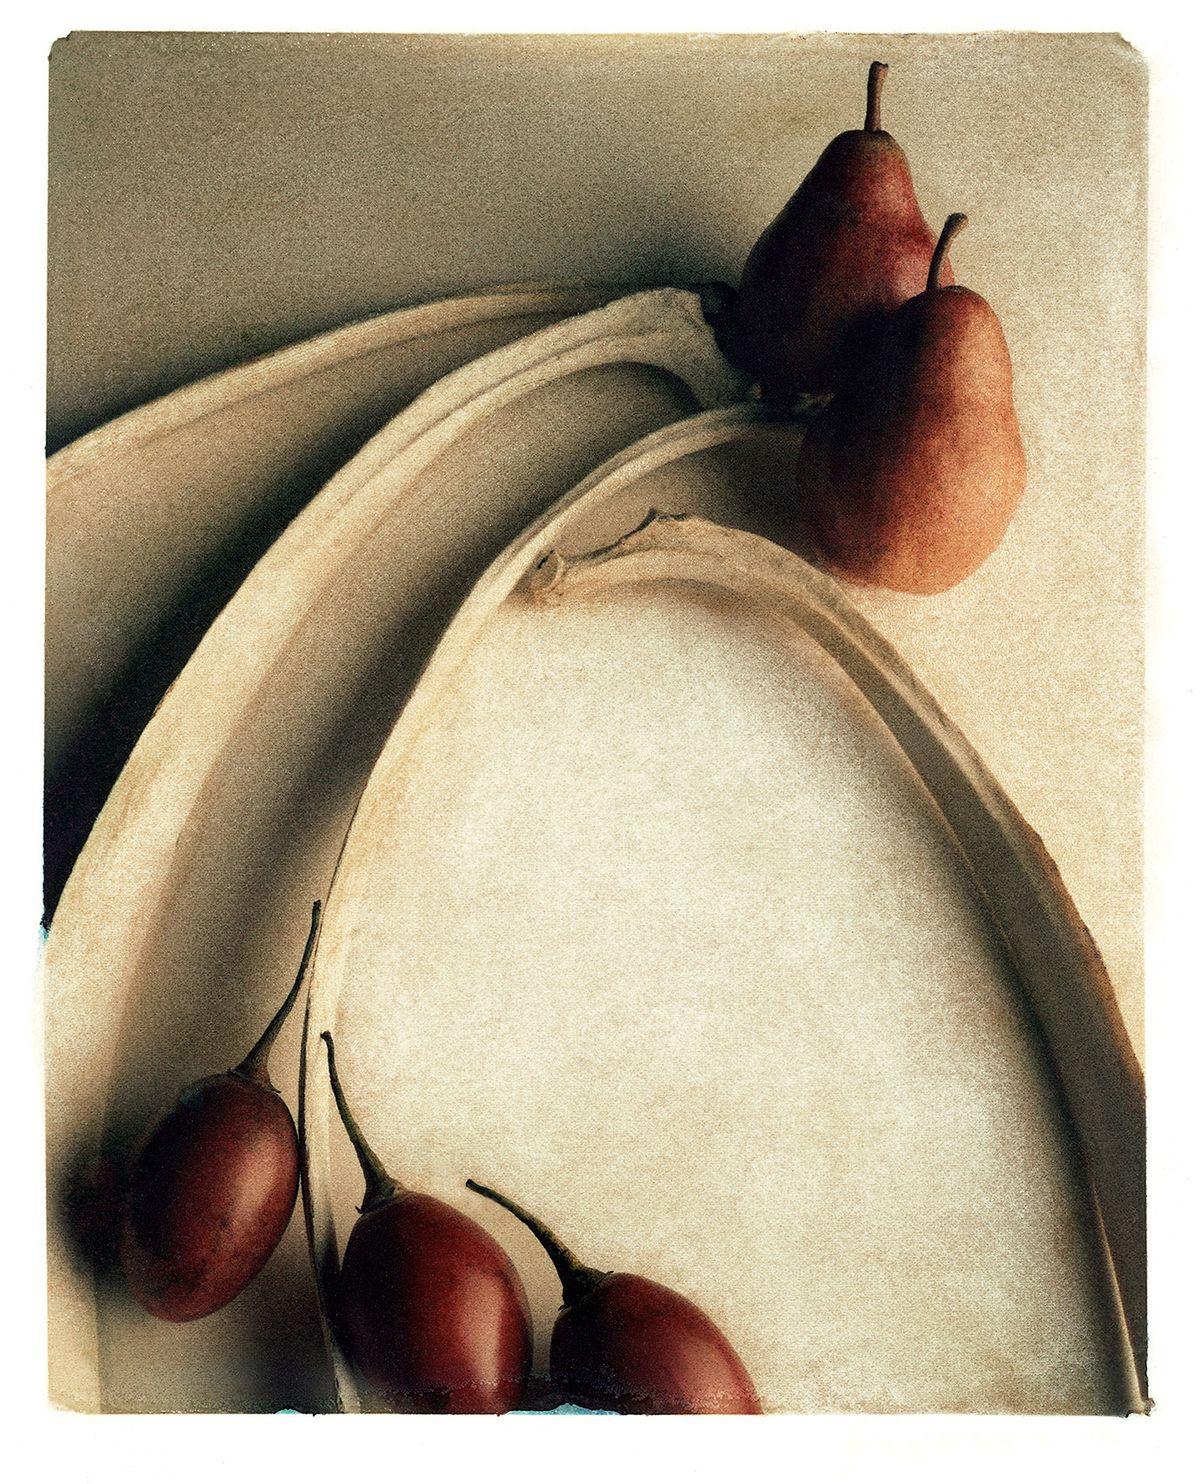 8x10TF 03 Pears_Tamms_Bones.jpg